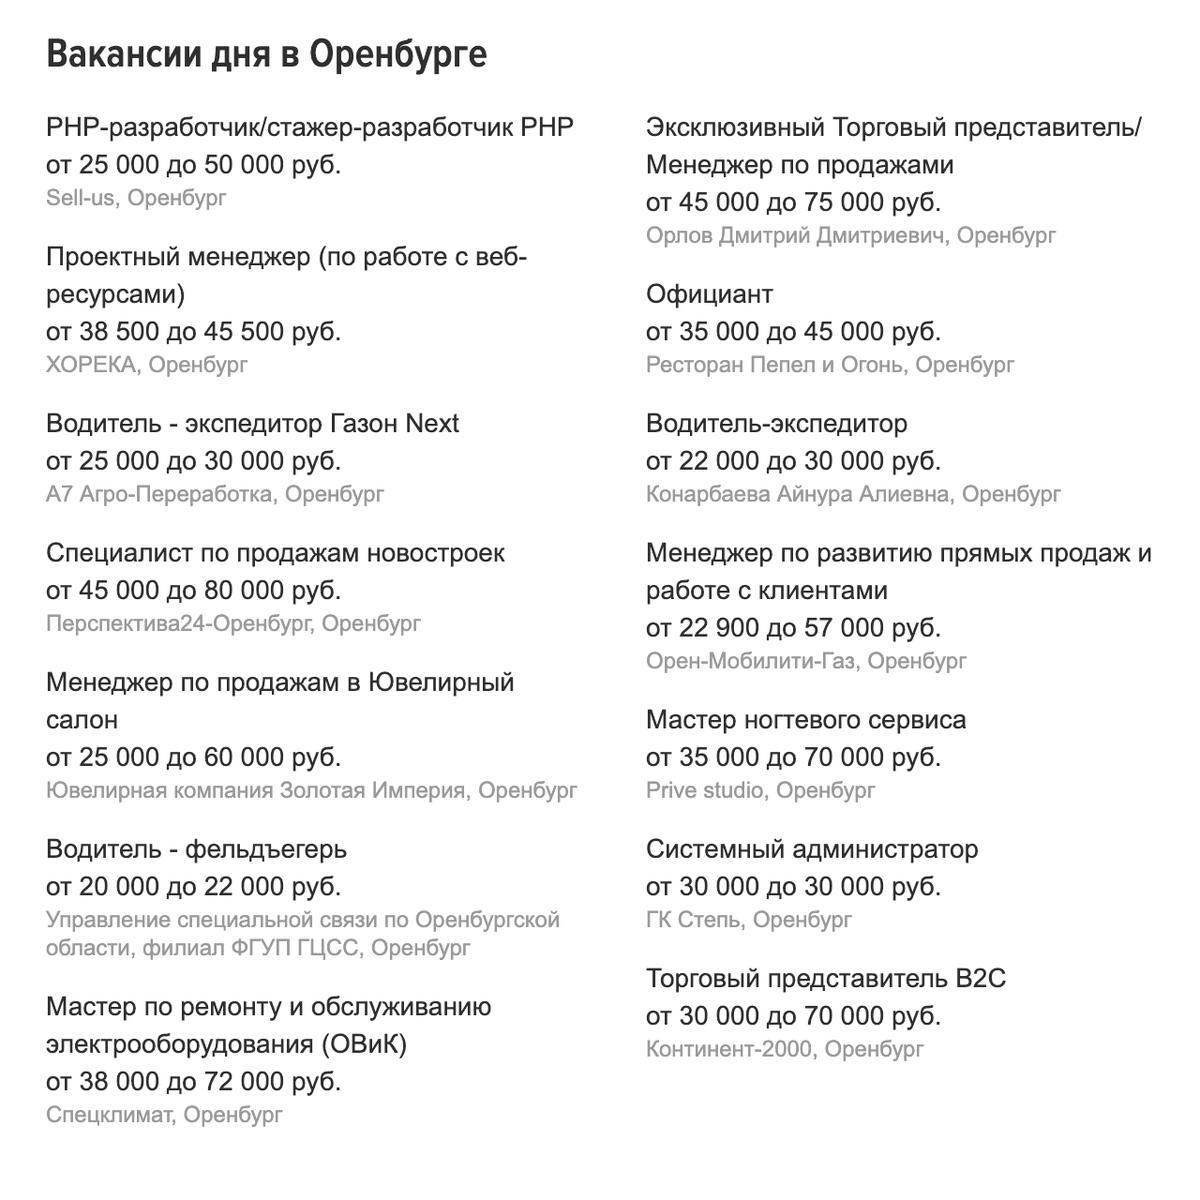 Вакансии дня на «Хедхантере»: зарплата стартует от 20 000<span class=ruble>Р</span>. Источник: «Хедхантер»